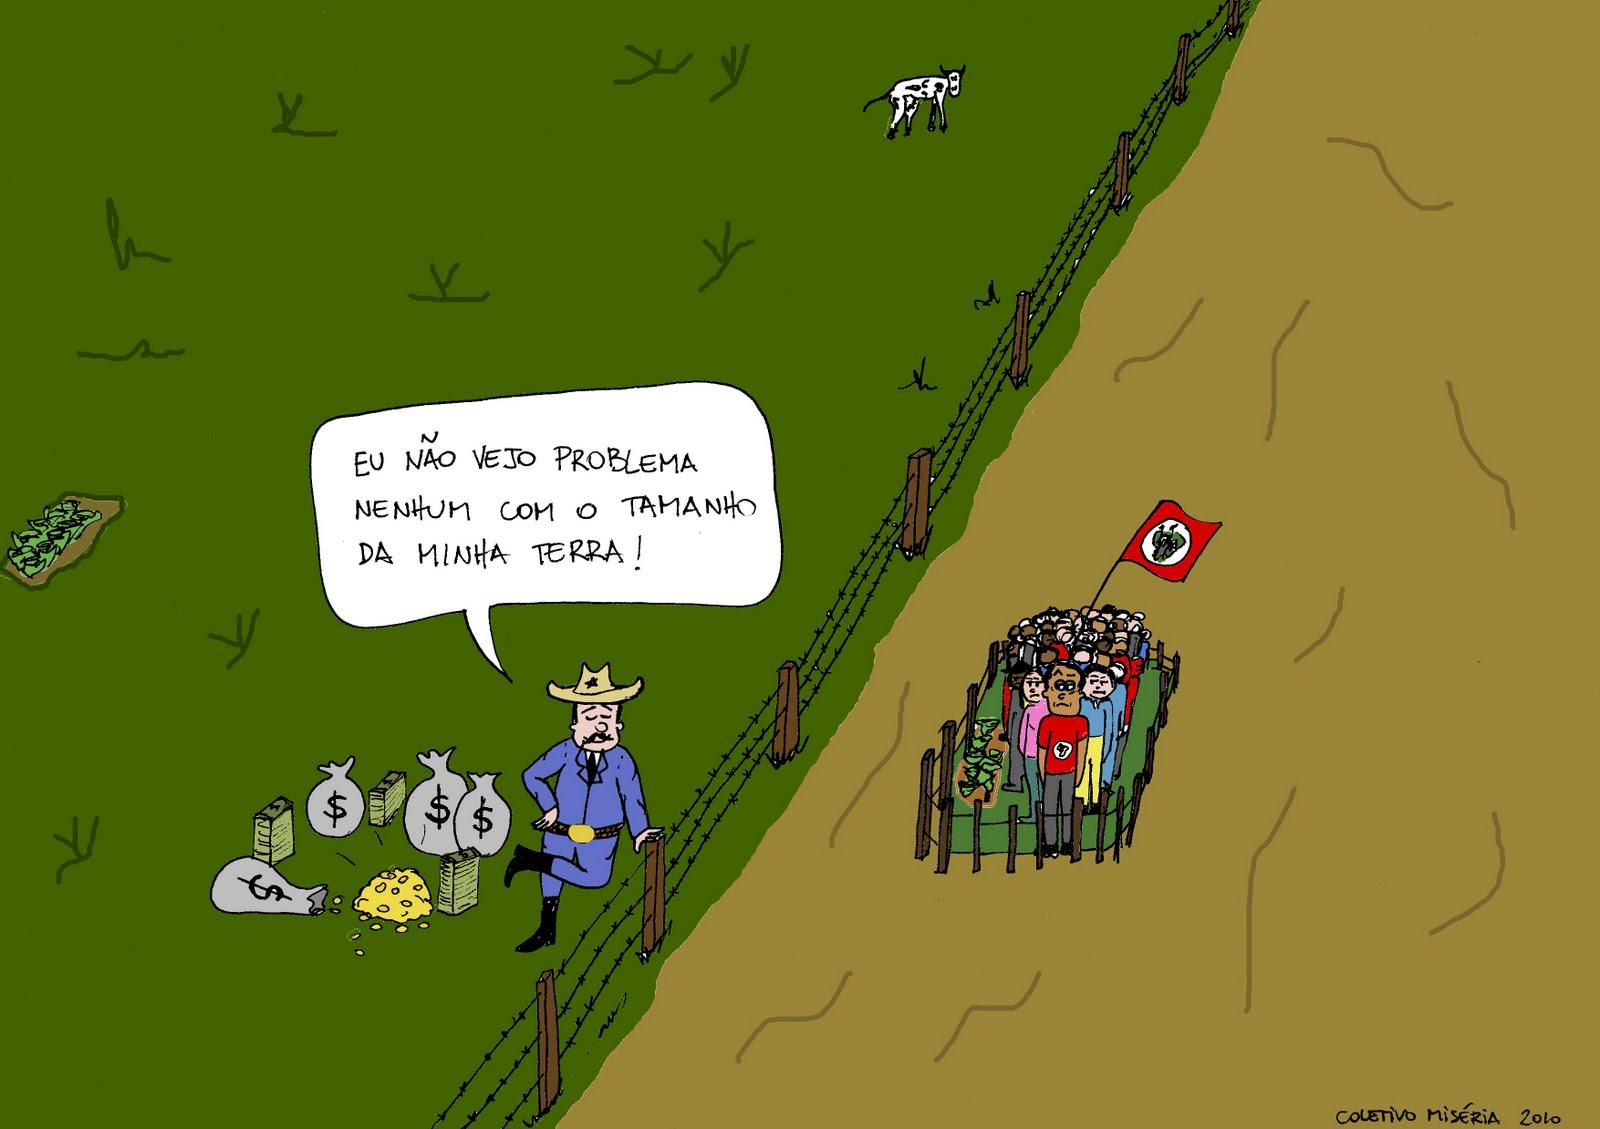 Governo abandona de vez a reforma agr ria psol rio das ostras - Fotos terras ...